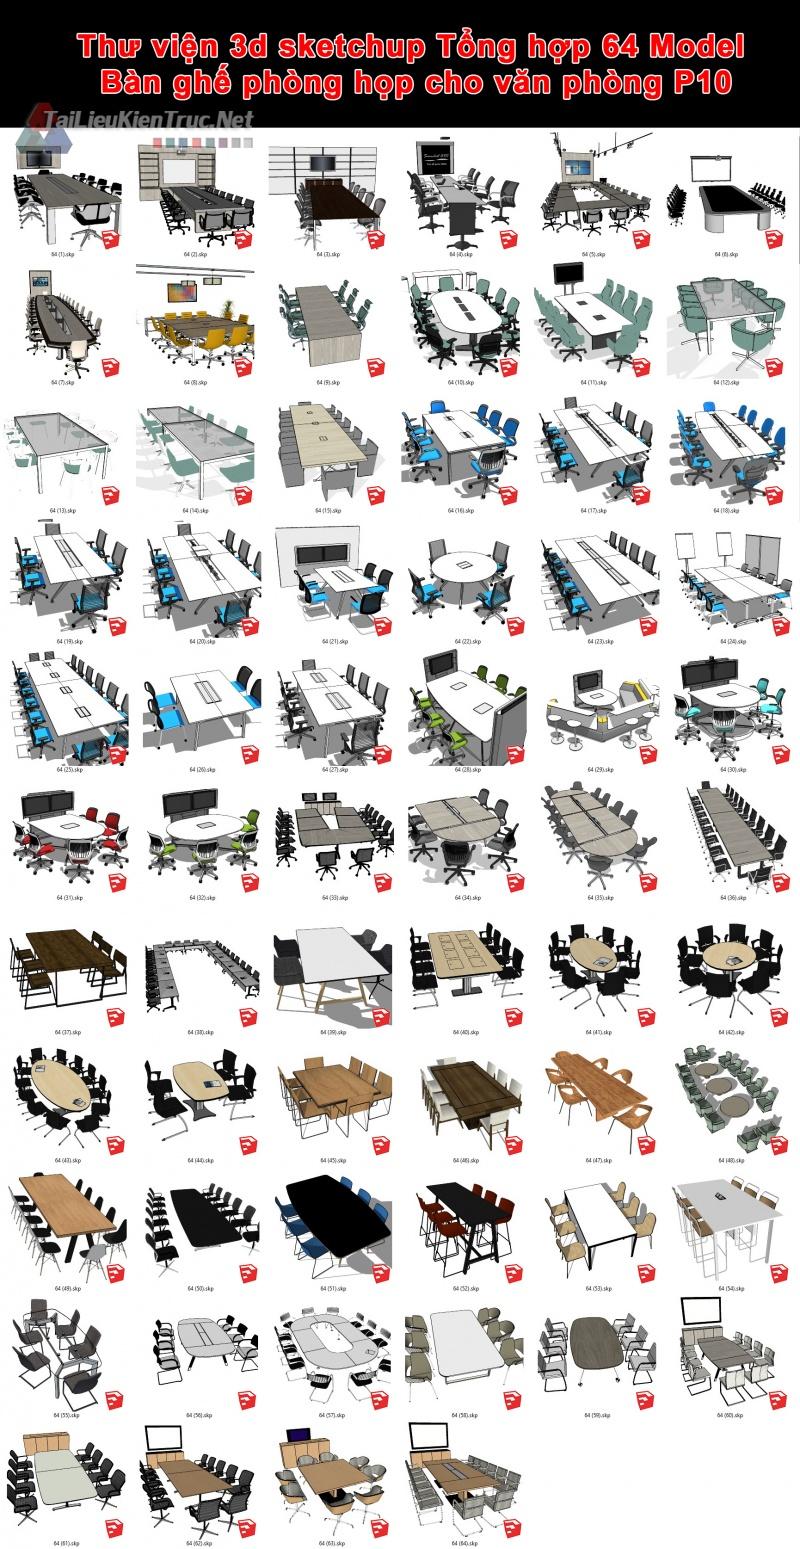 Thư viện 3d sketchup Tổng hợp 64 Model Bàn ghế phòng họp cho văn phòng P10